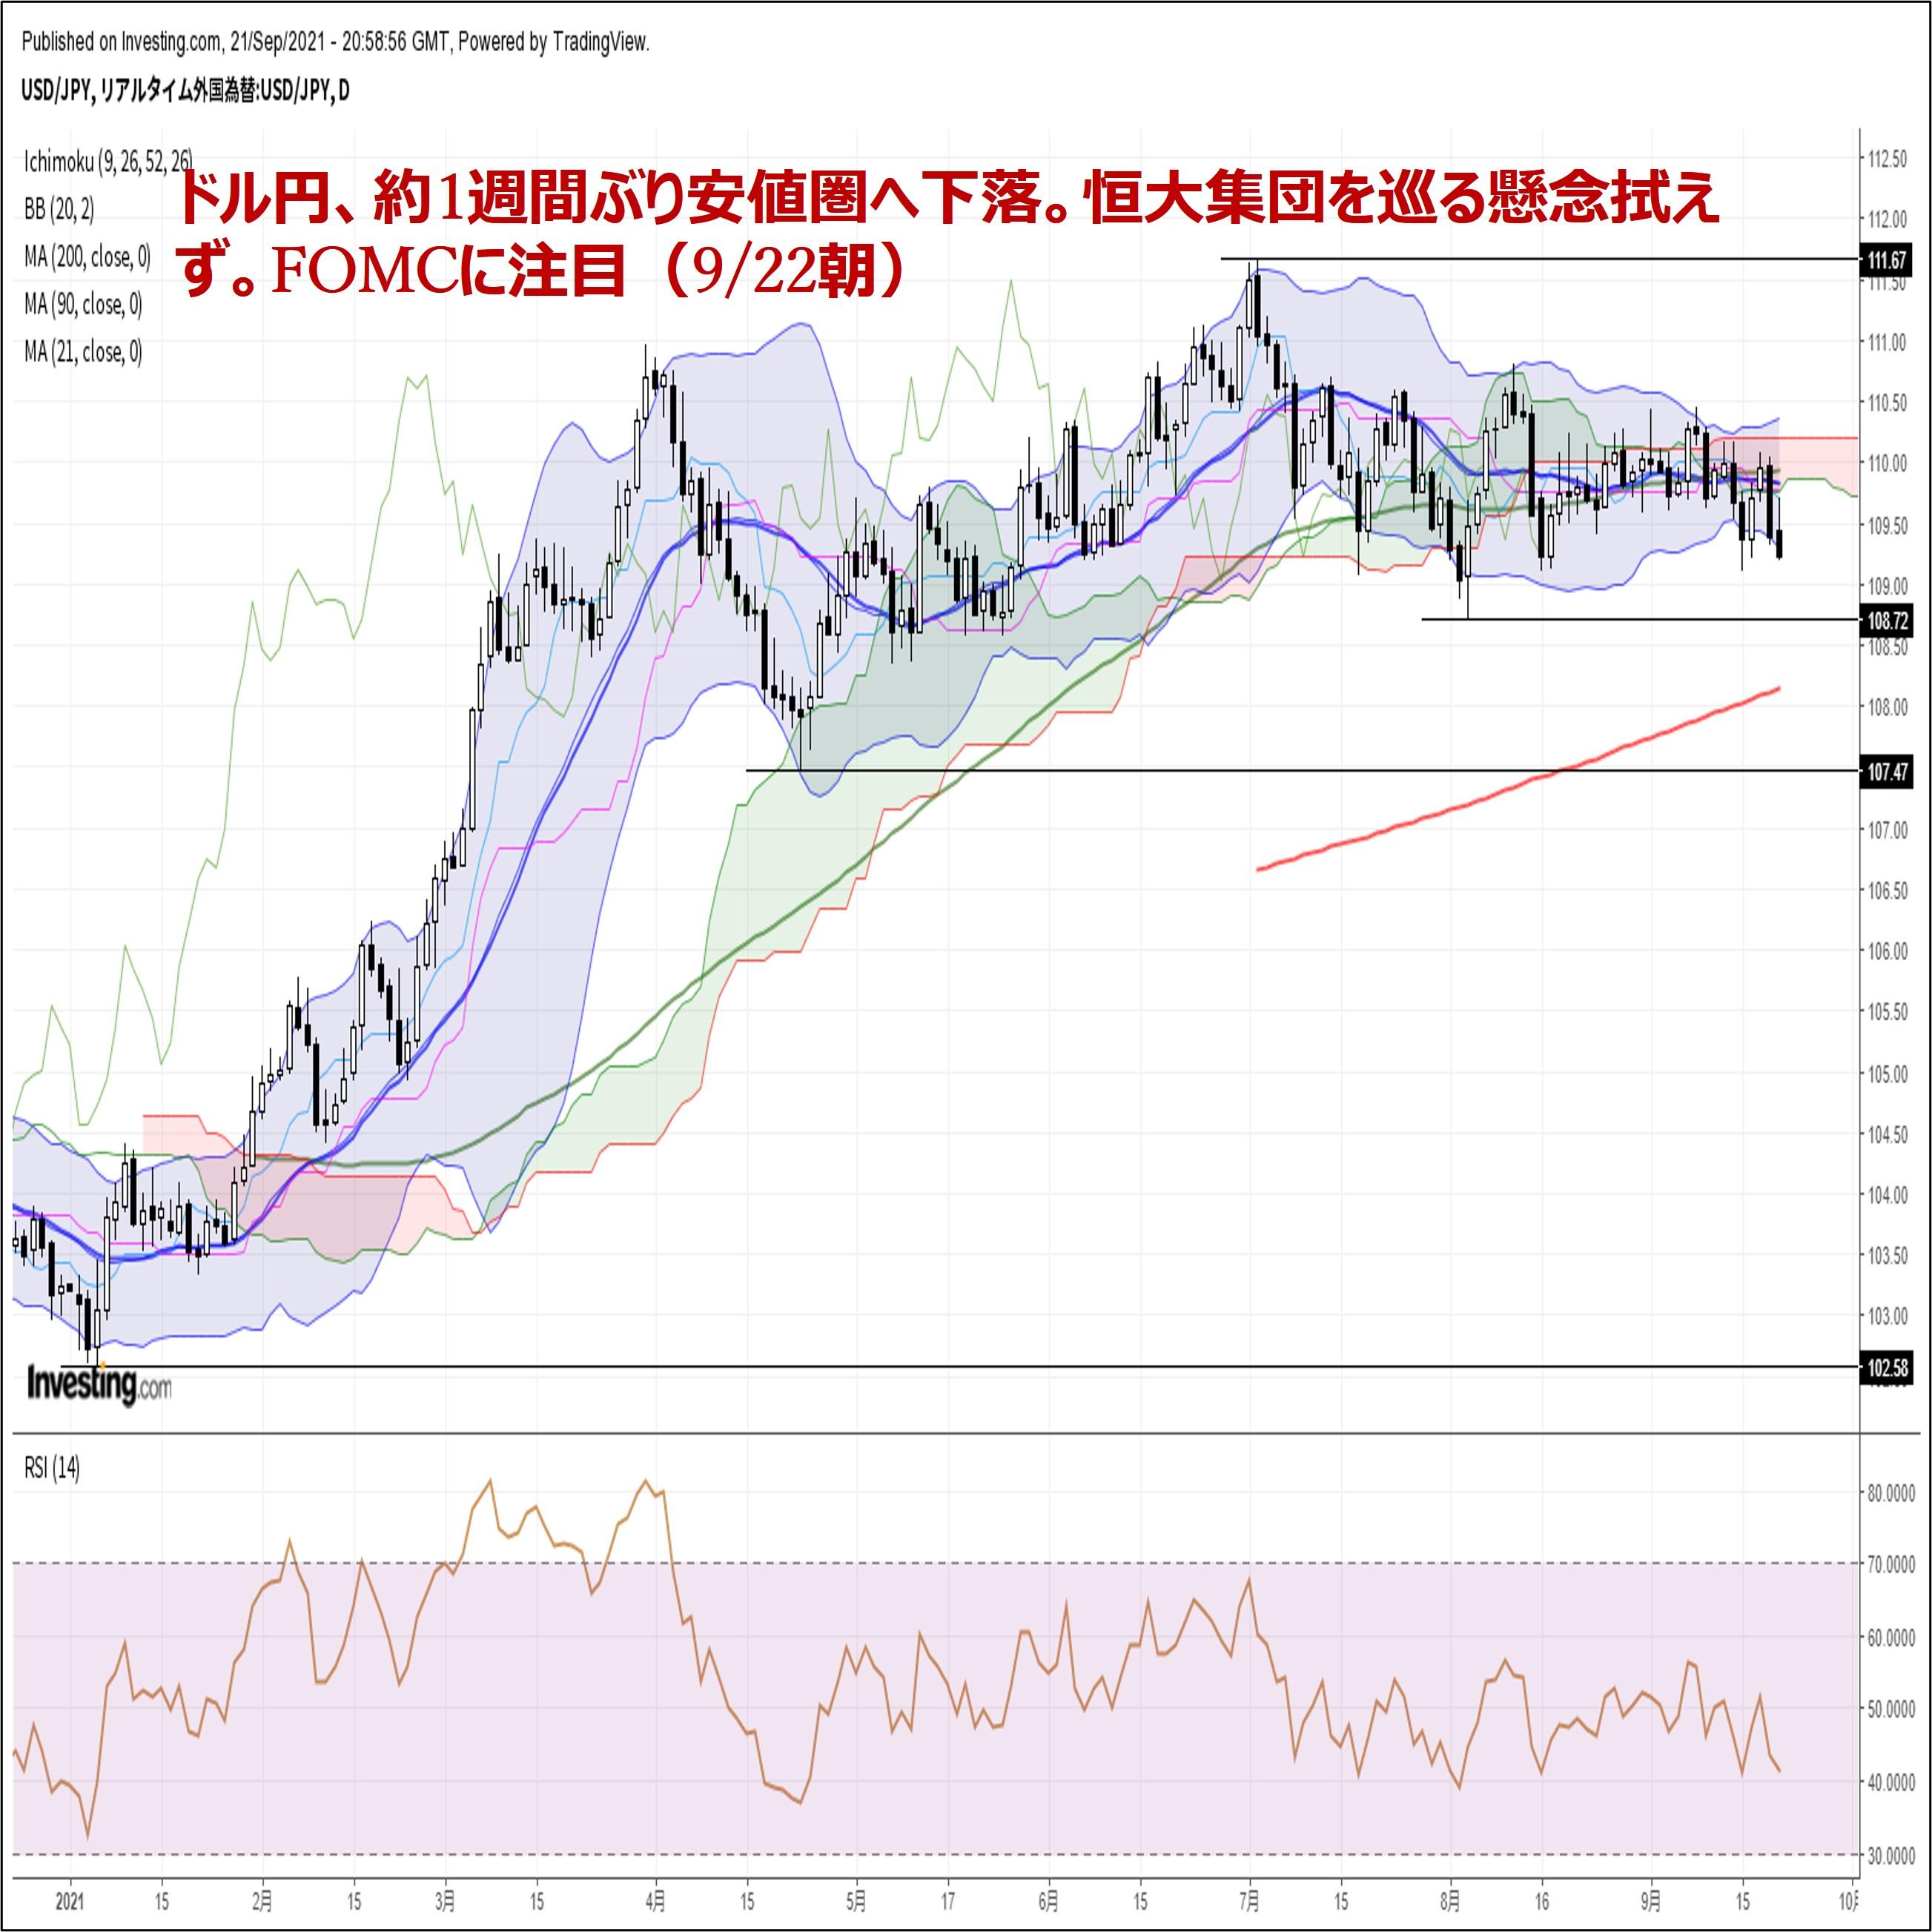 ドル円、約1週間ぶり安値圏へ下落。恒大集団を巡る懸念拭えず。FOMCに注目(9/22朝)